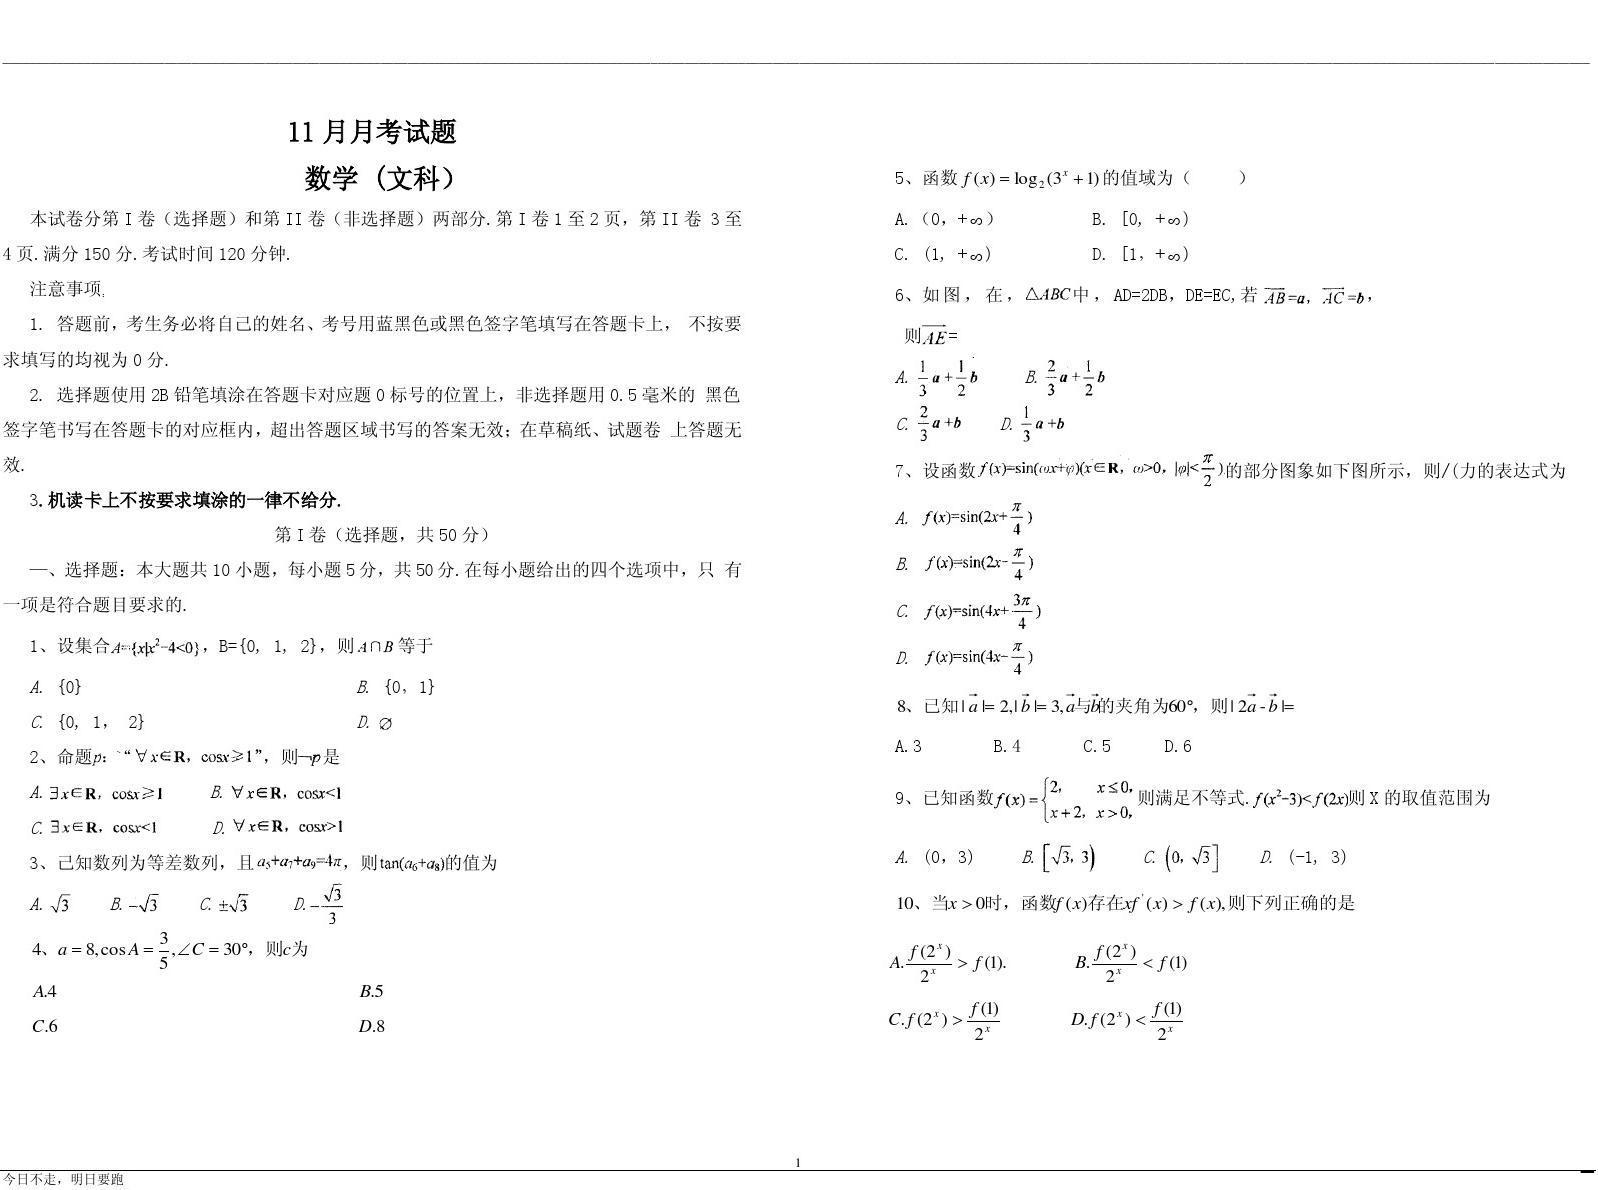 1高三文科10月月考试题